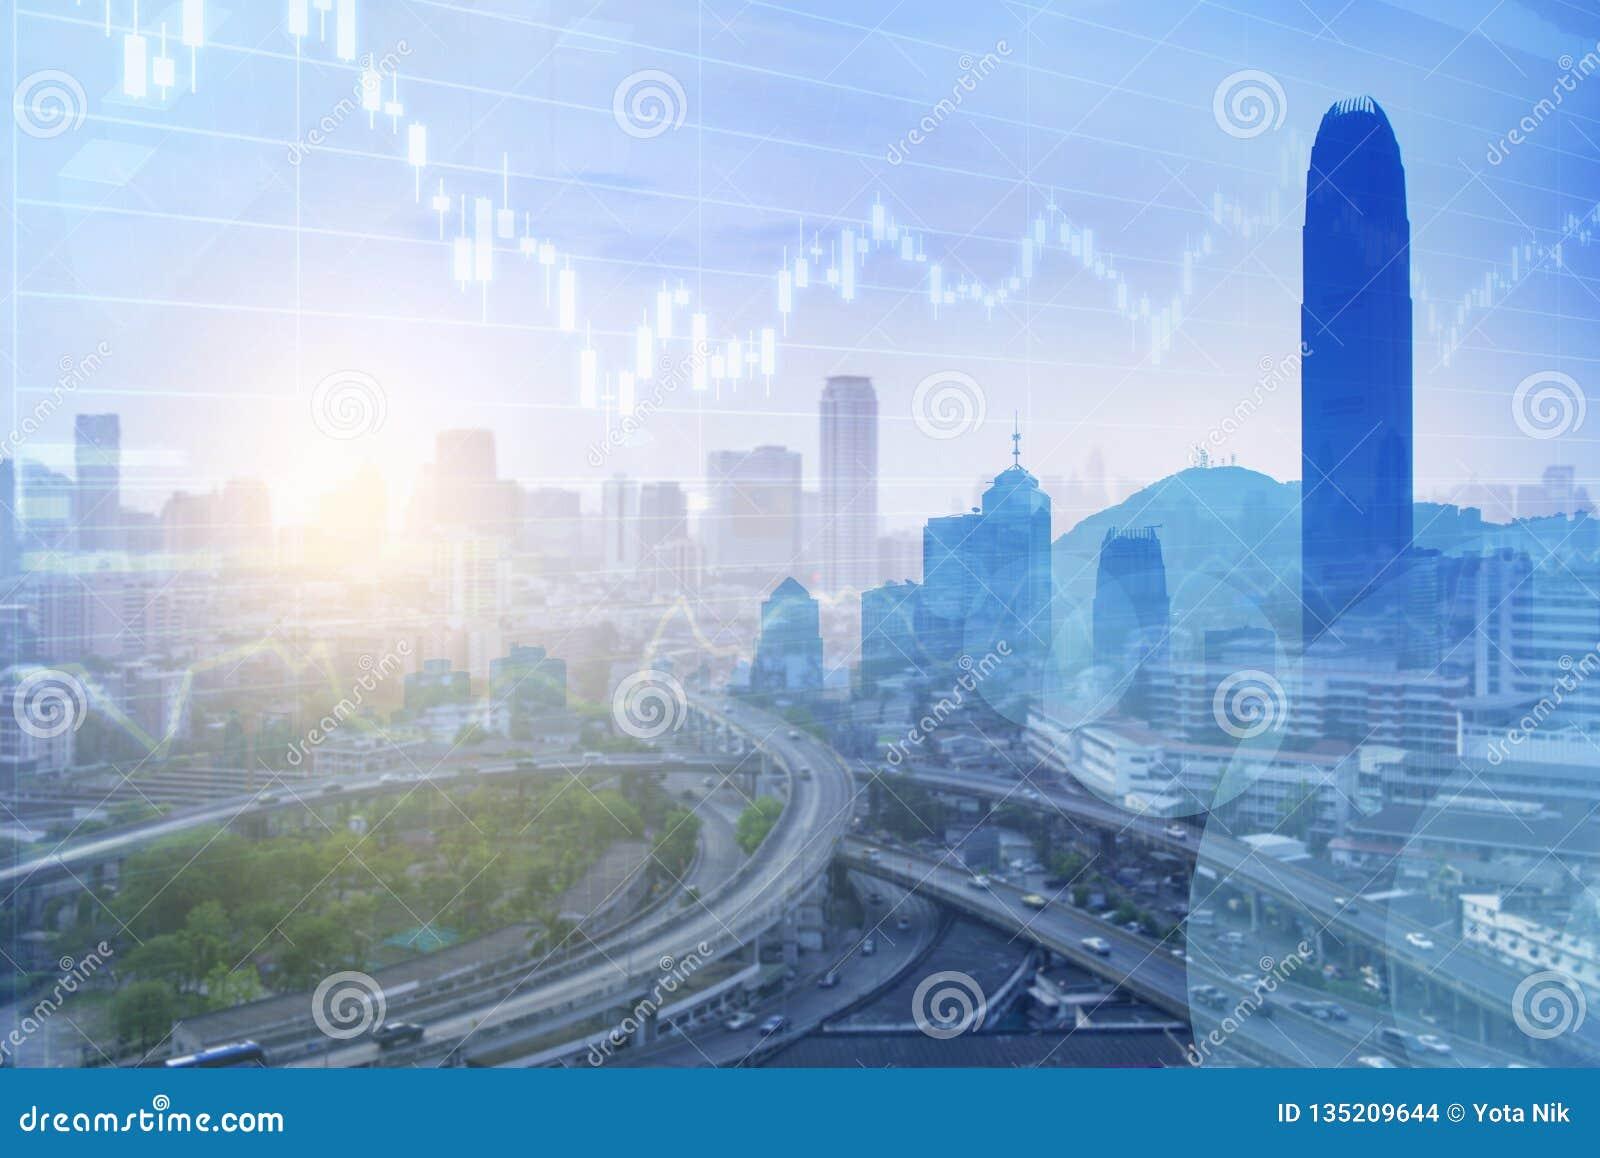 Zaken in de stads veelvoudige blootstelling als achtergrond in blauwe toon